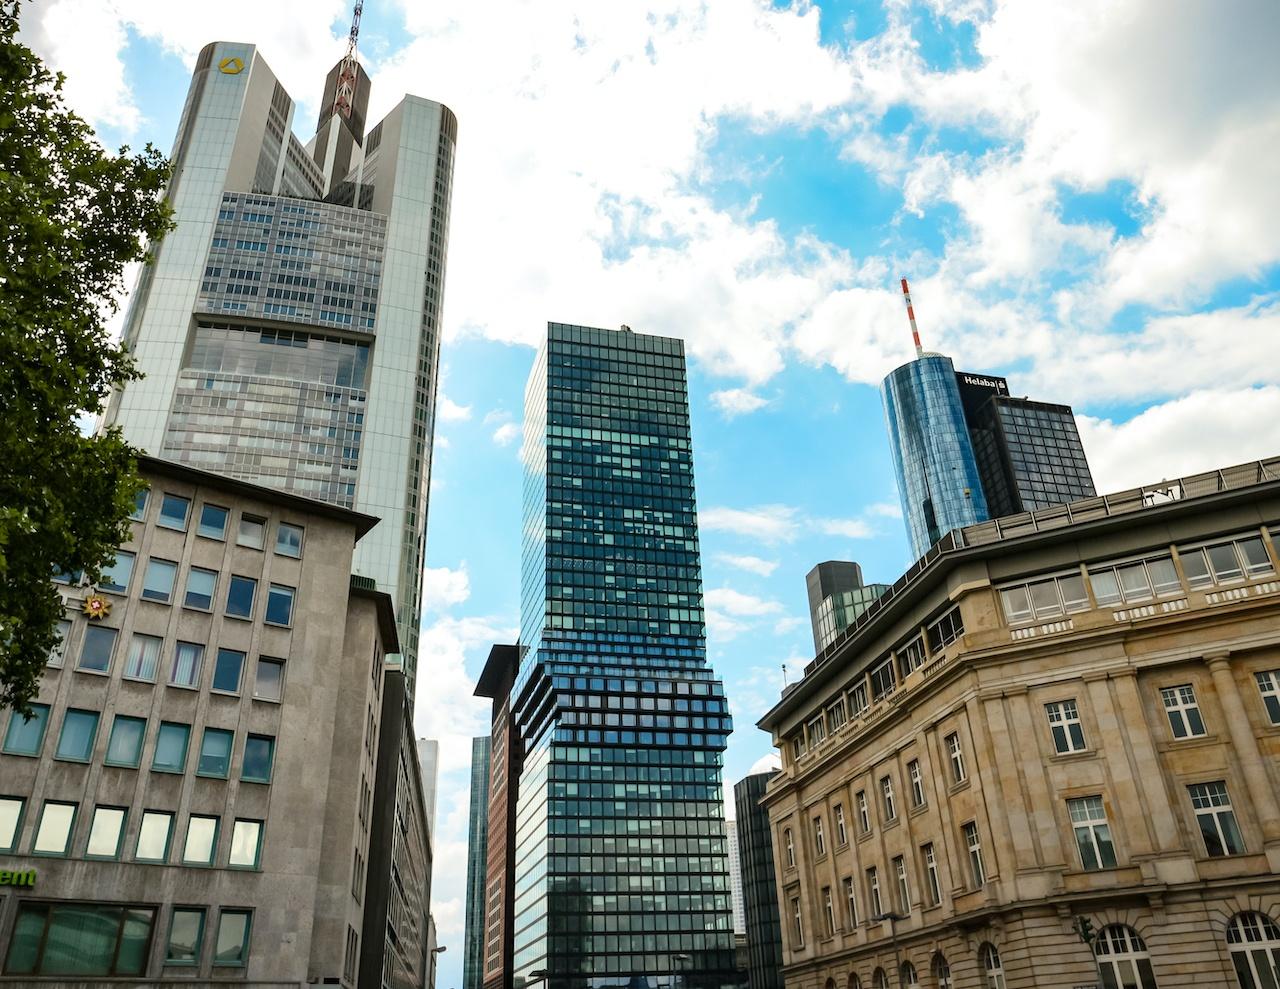 Hochhäuser in Frankfurt, Sitz von KanAm